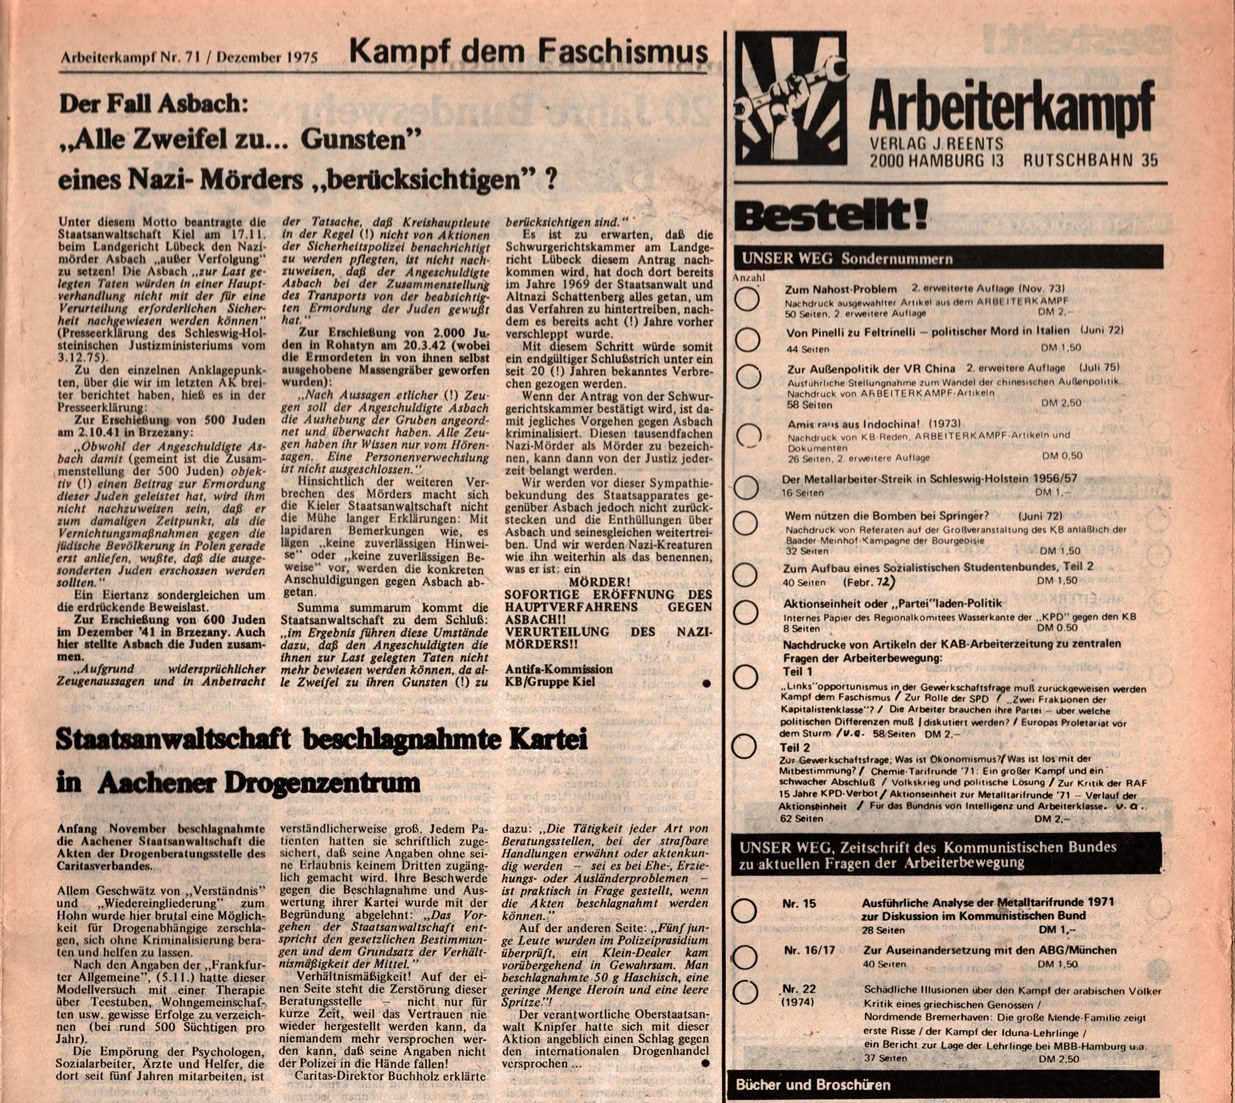 KB_AK_1975_71_081